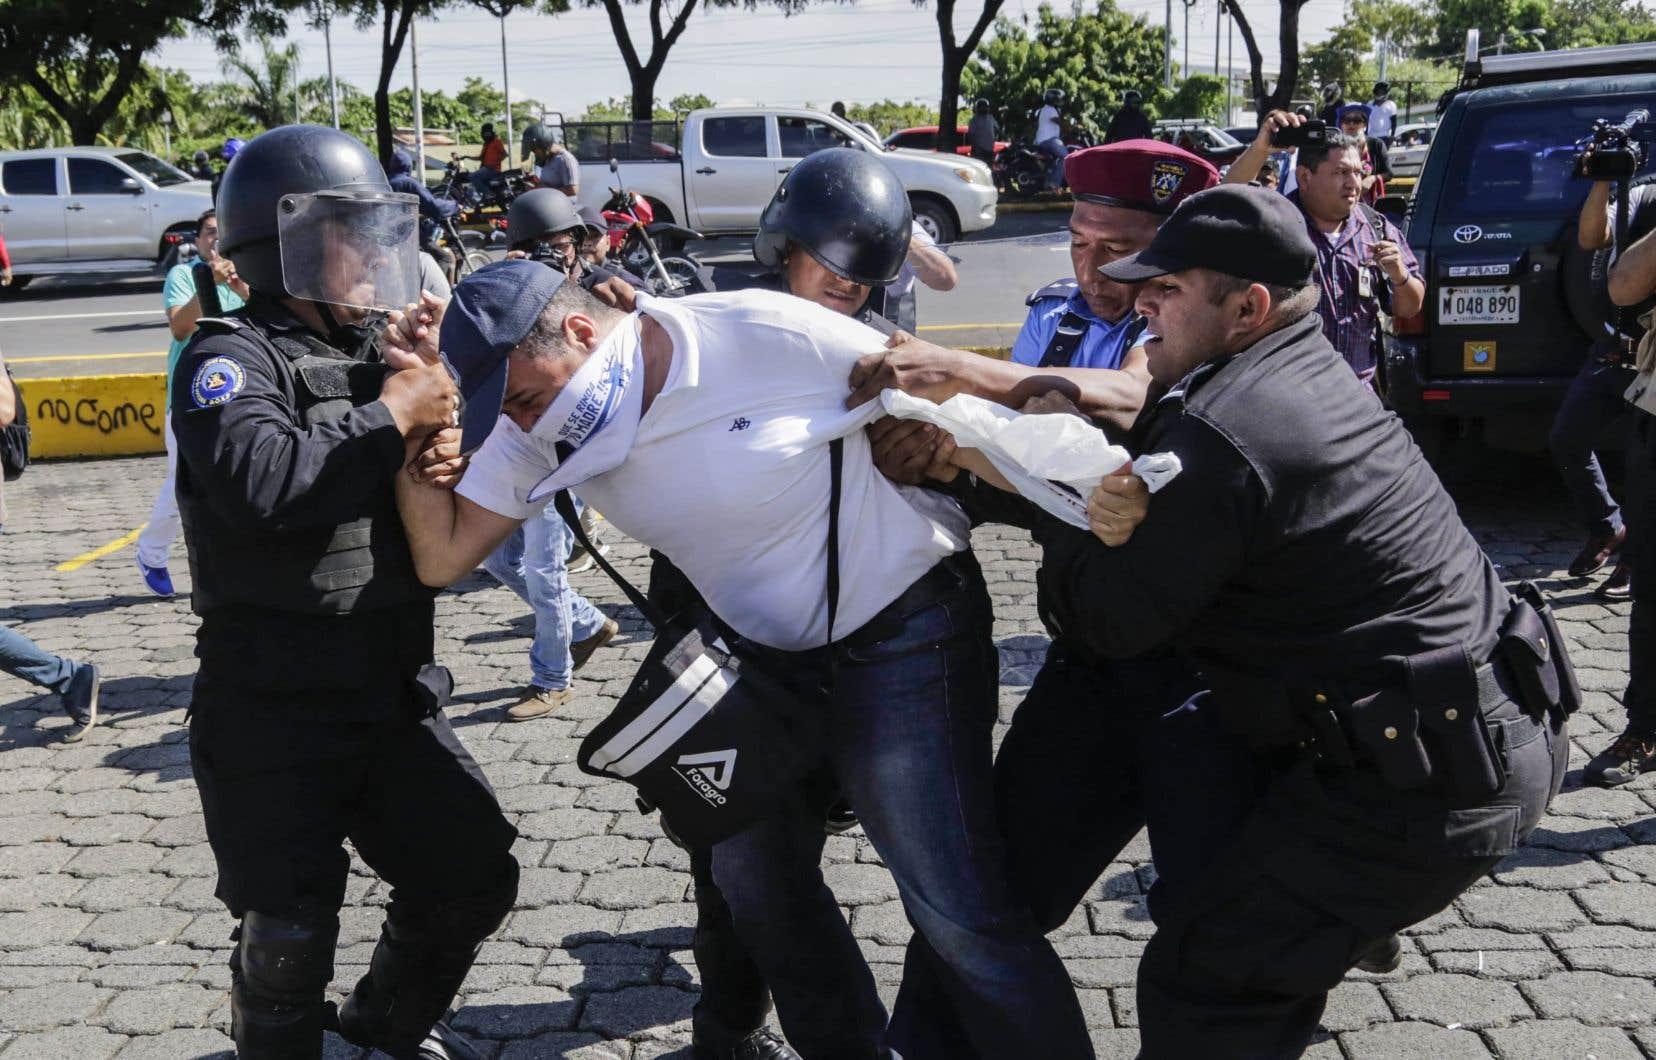 Les autorités du Nicaragua «ont intensifié leur stratégie répressive» contre les manifestants, estime Amnesty International.